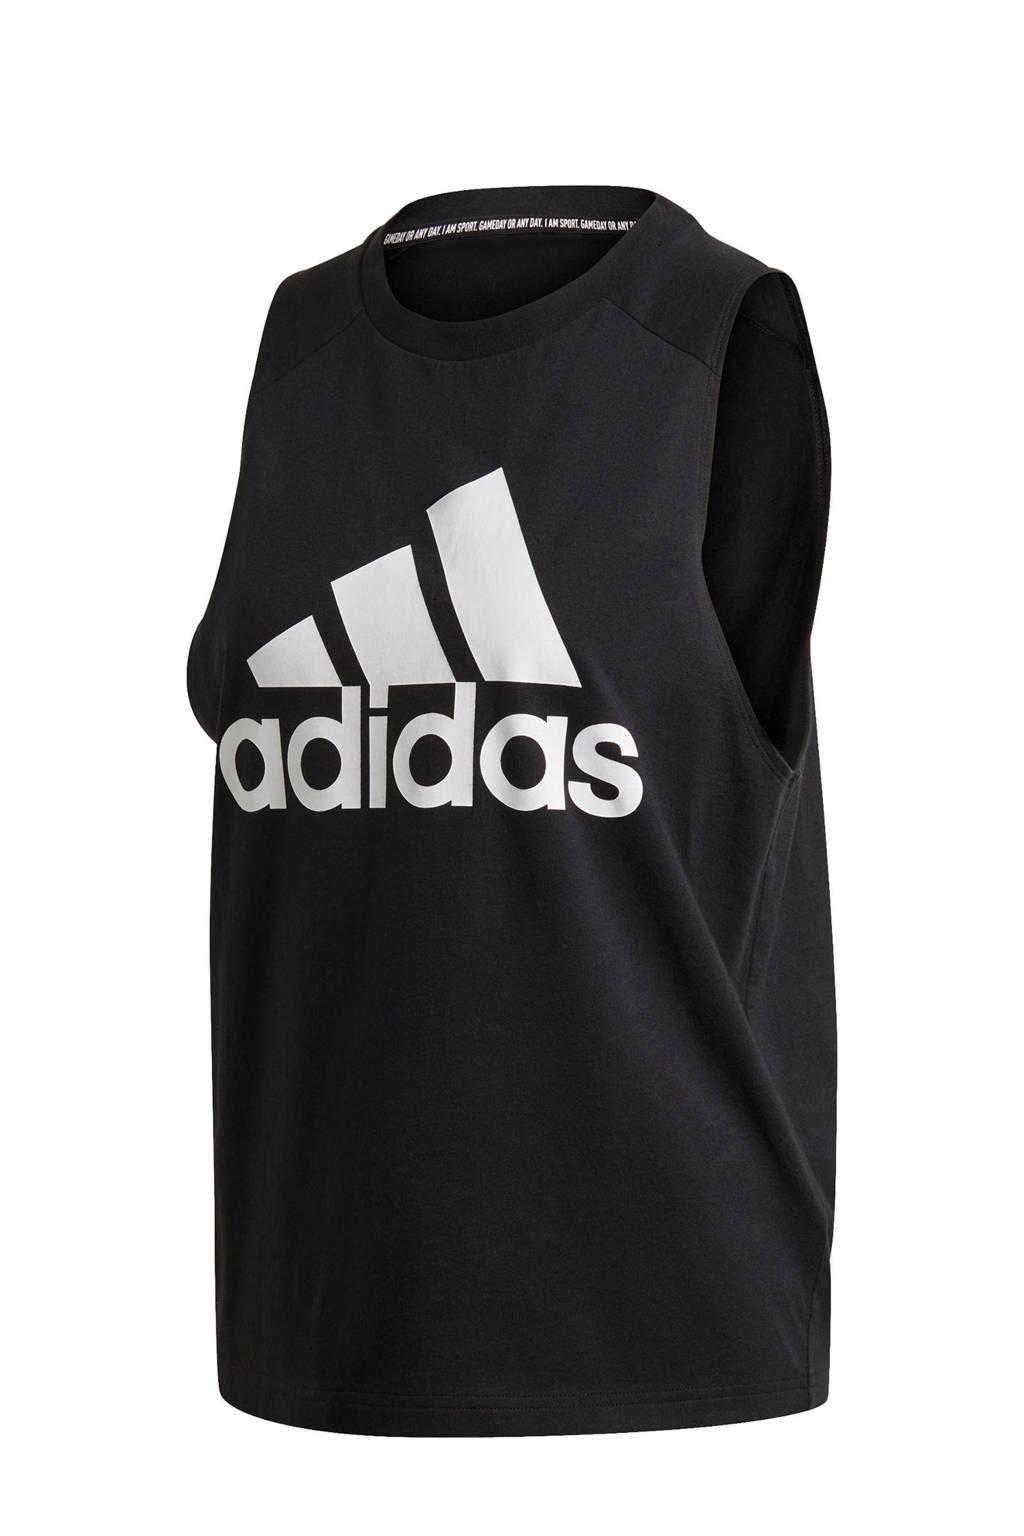 adidas Performance sporttop zwart/wit, Zwart